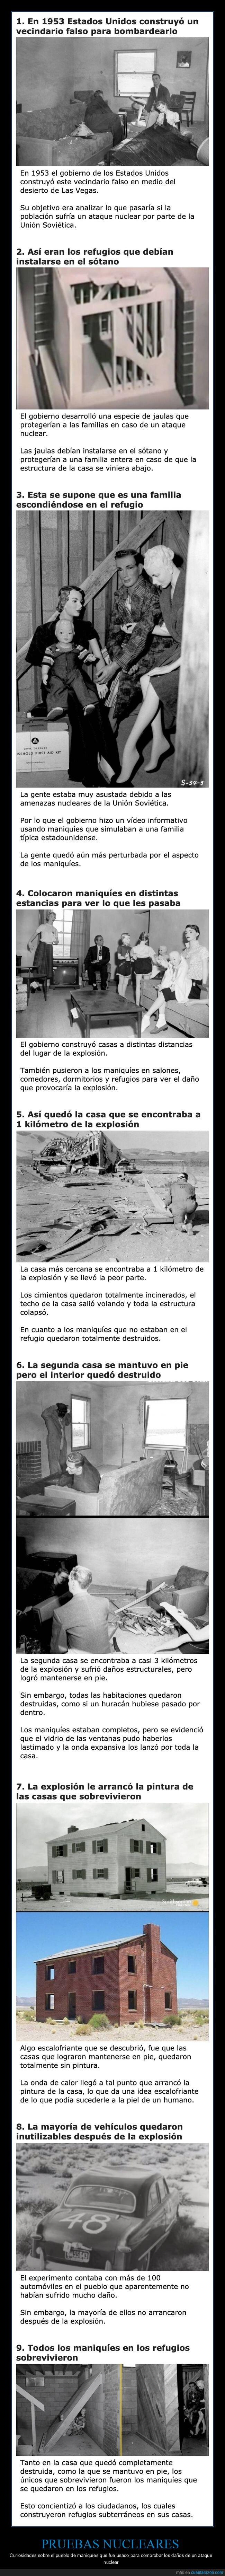 maniquíes,pruebas nucleares